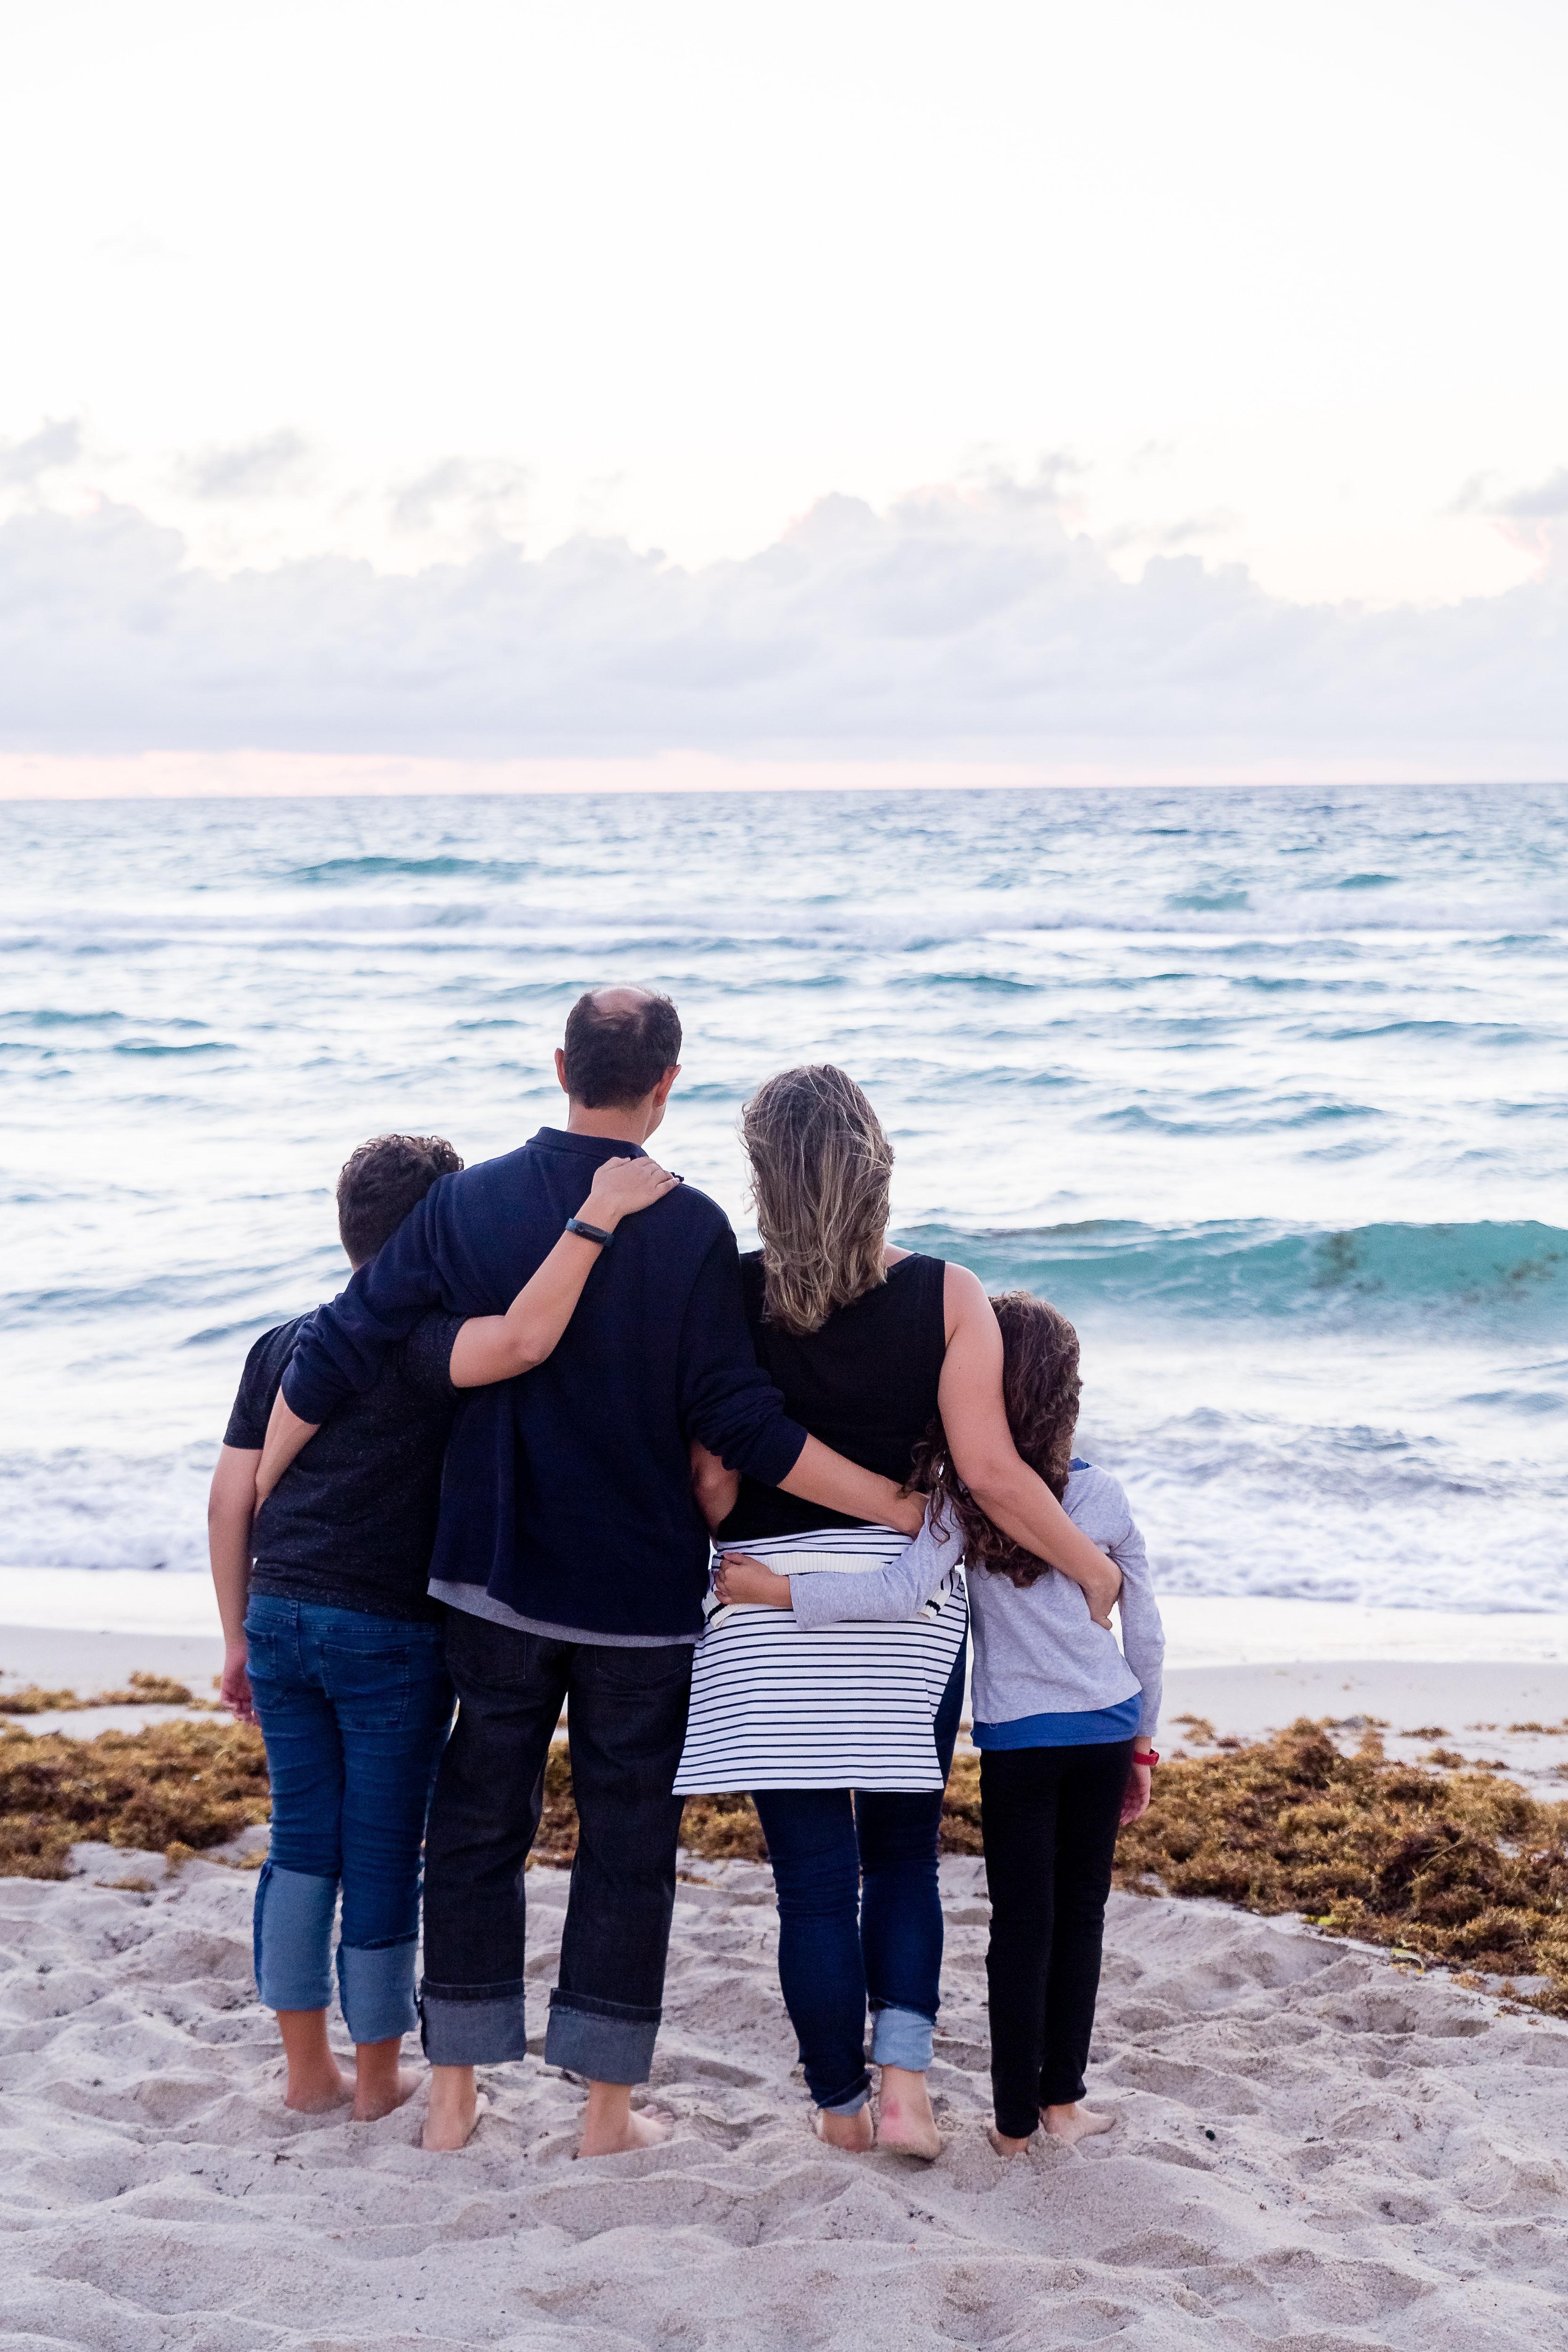 Vierköpfige Familie, welche man von hinten sehen kann, wie sie sich in den Armen halten